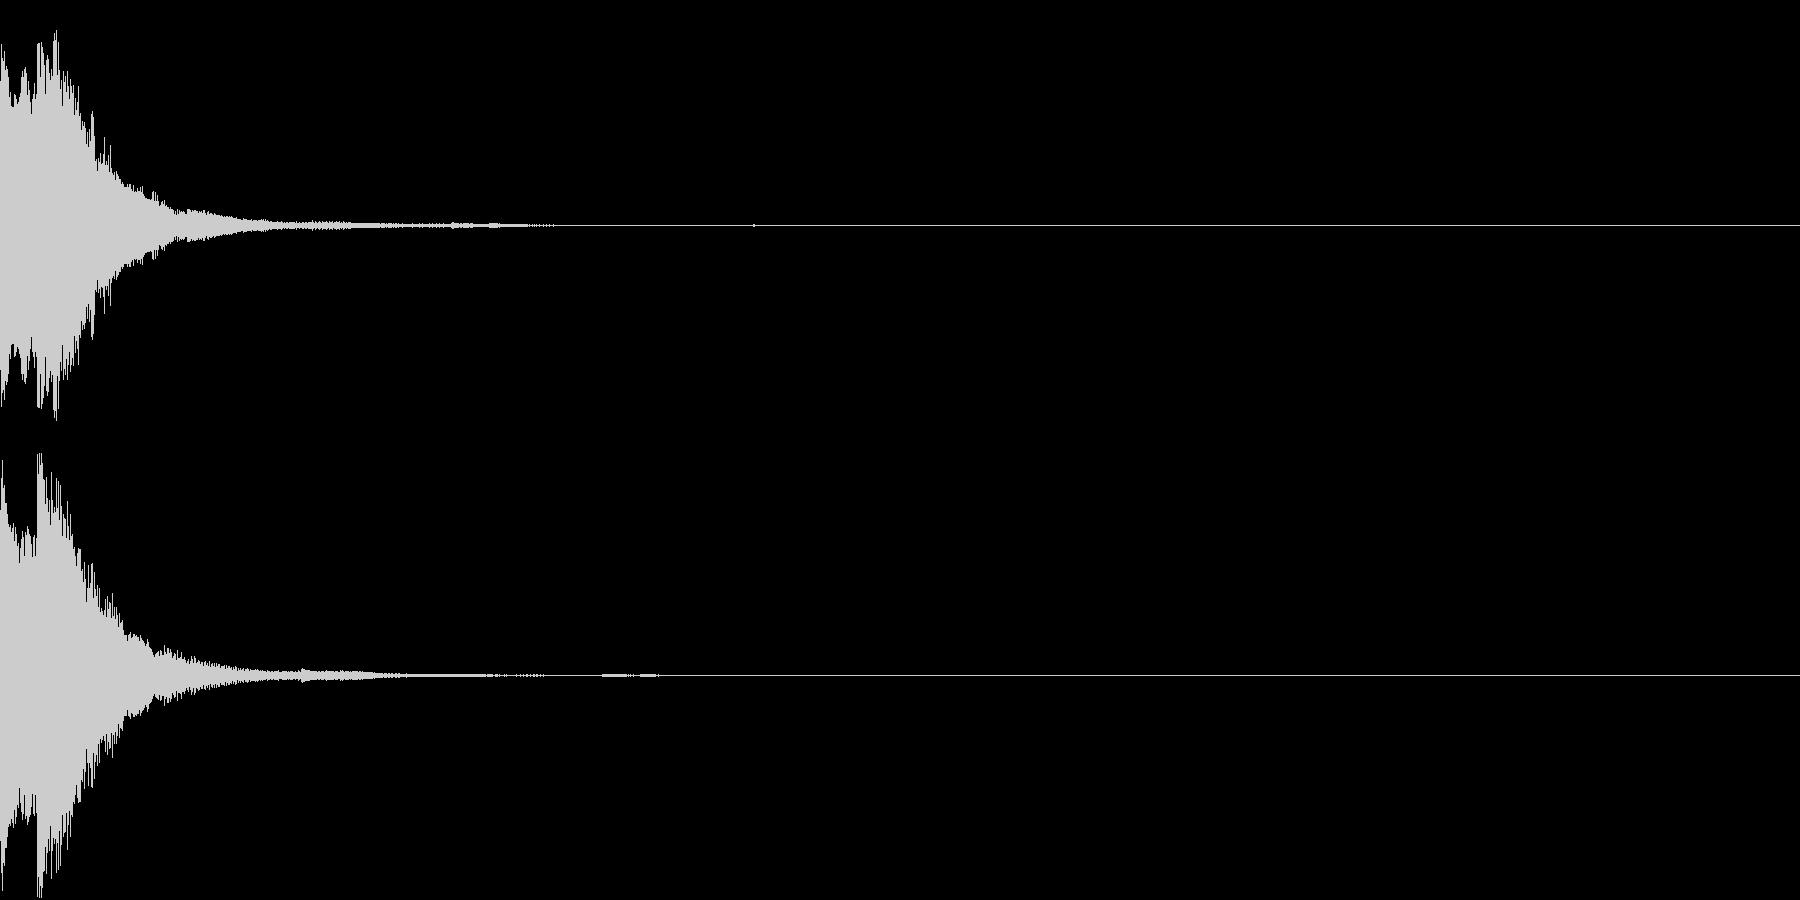 ボタン スイッチ クレジット クリックの未再生の波形